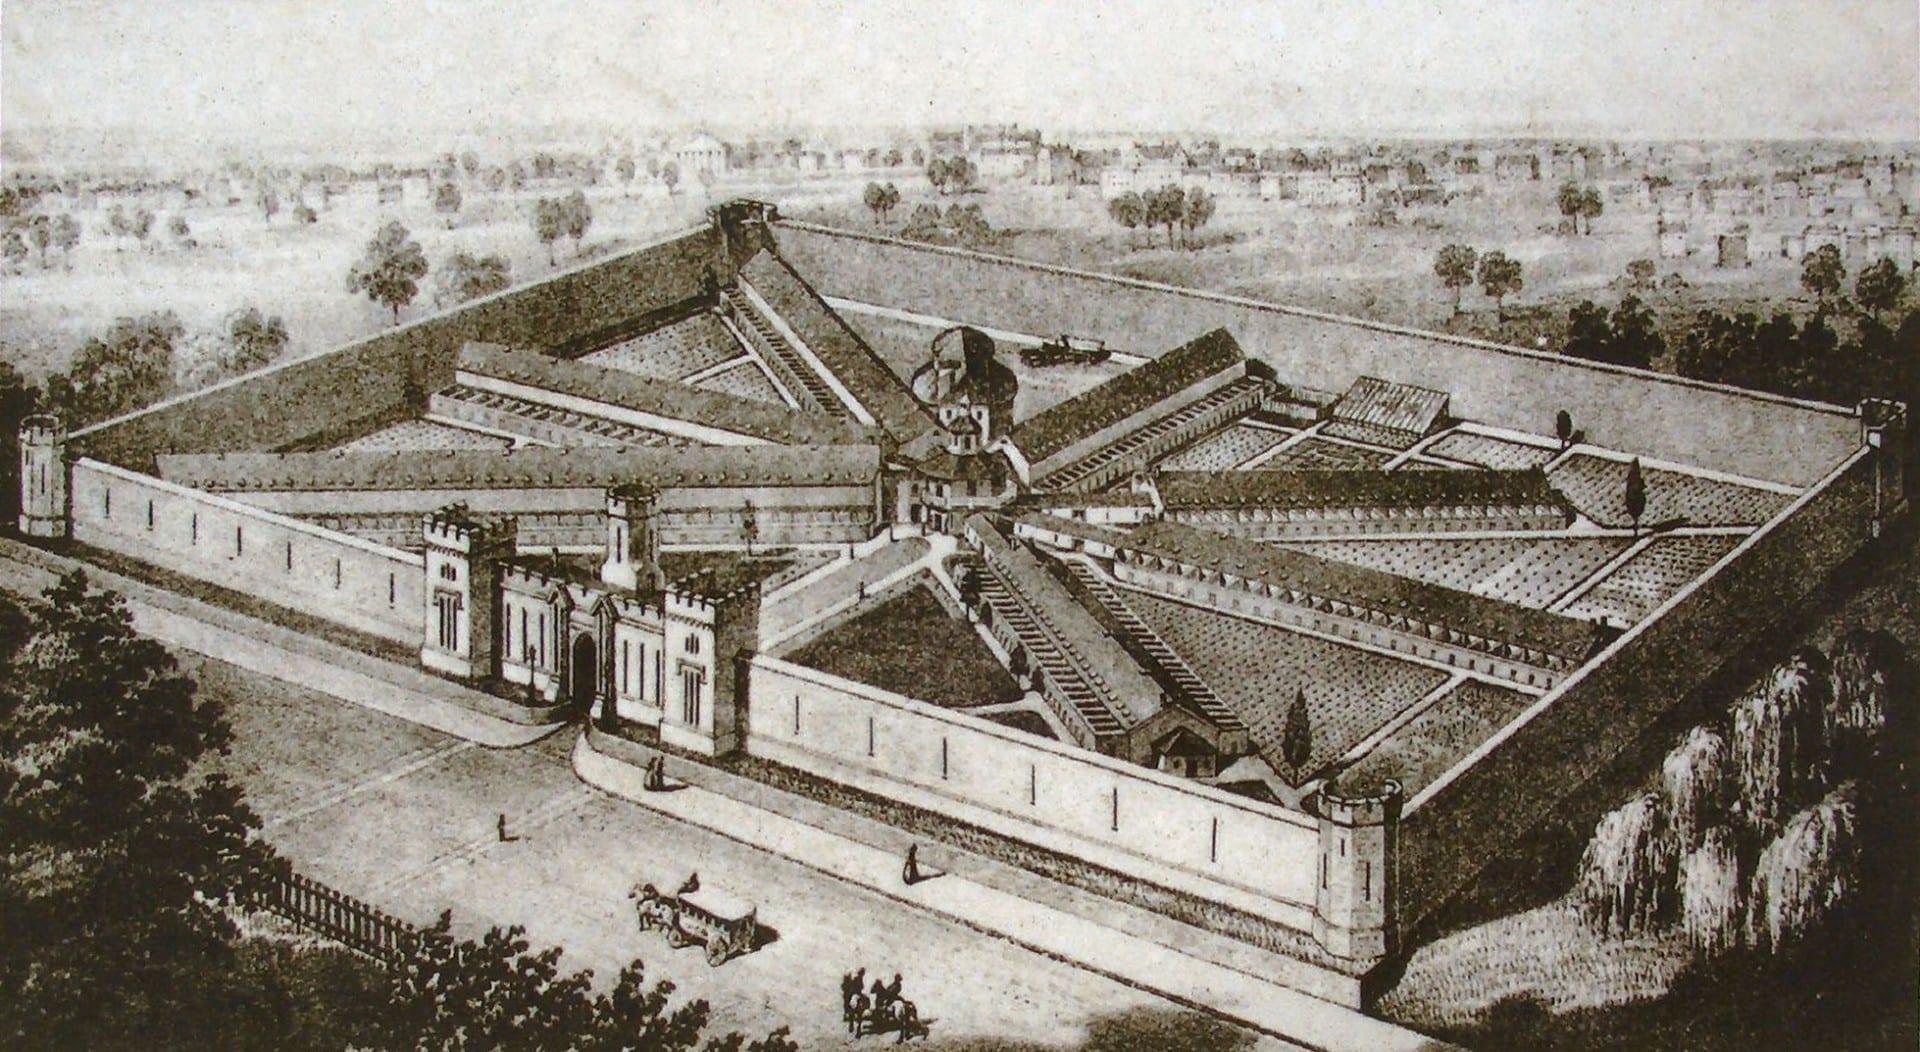 Penitenciaría del Estado Oriental Filadelfia Estados Unidos